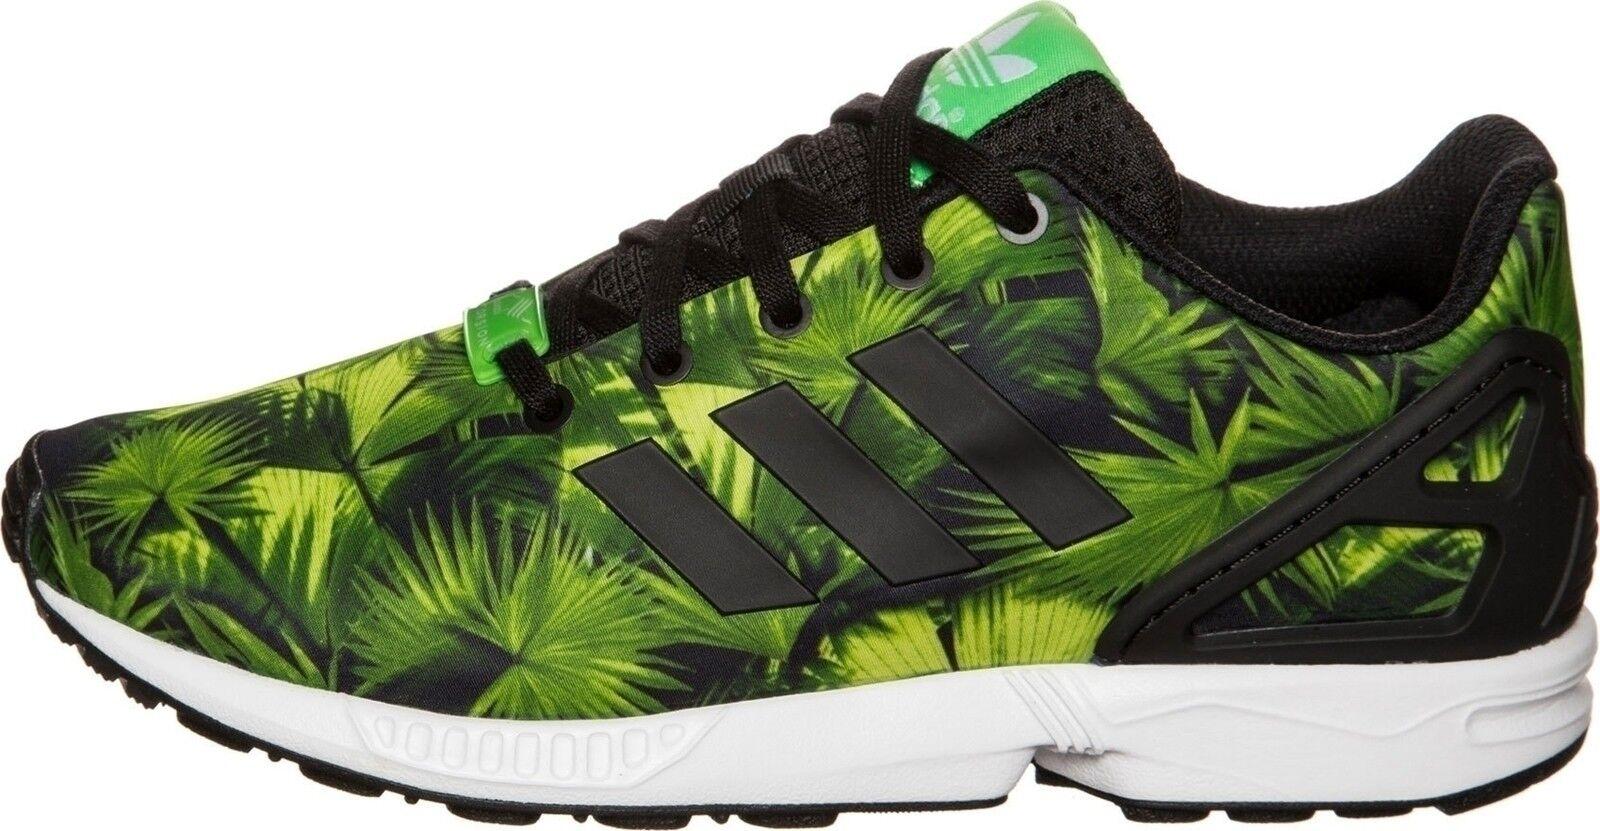 Adidas Schuhe Gr. 23 und 24 vorhanden Kinder